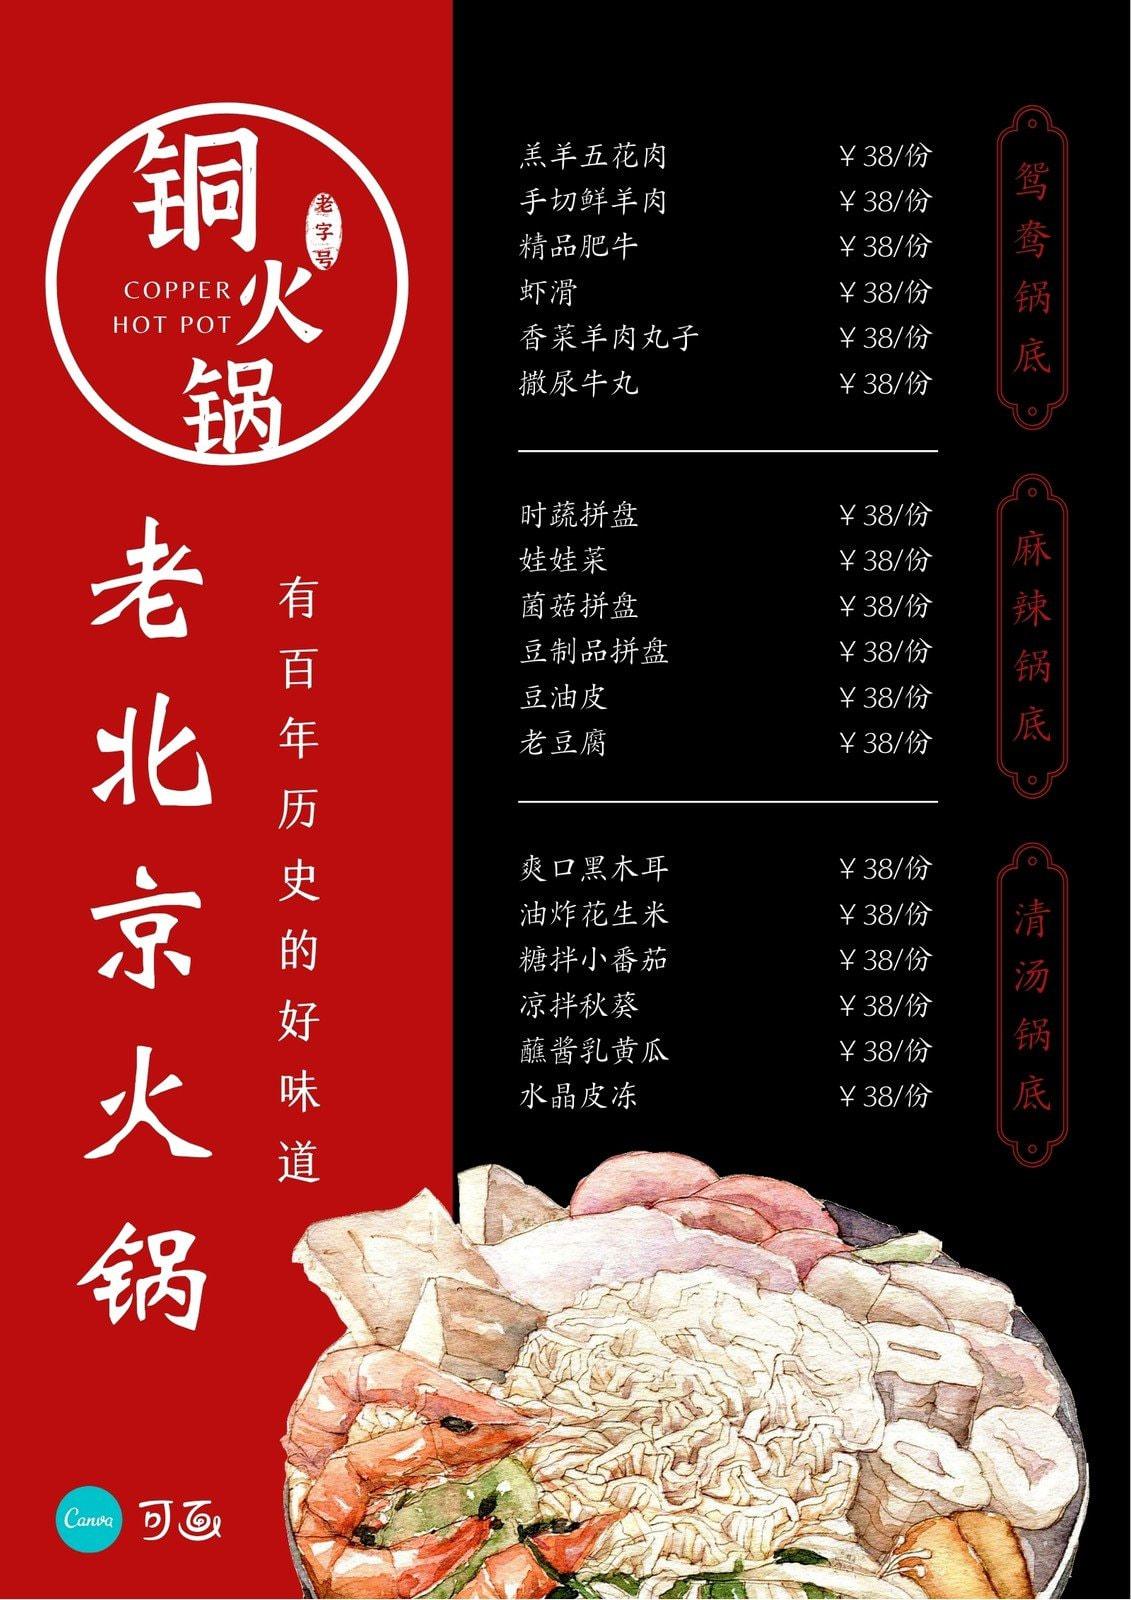 红黑色火锅写实插画云纹手绘餐饮促销中文菜单